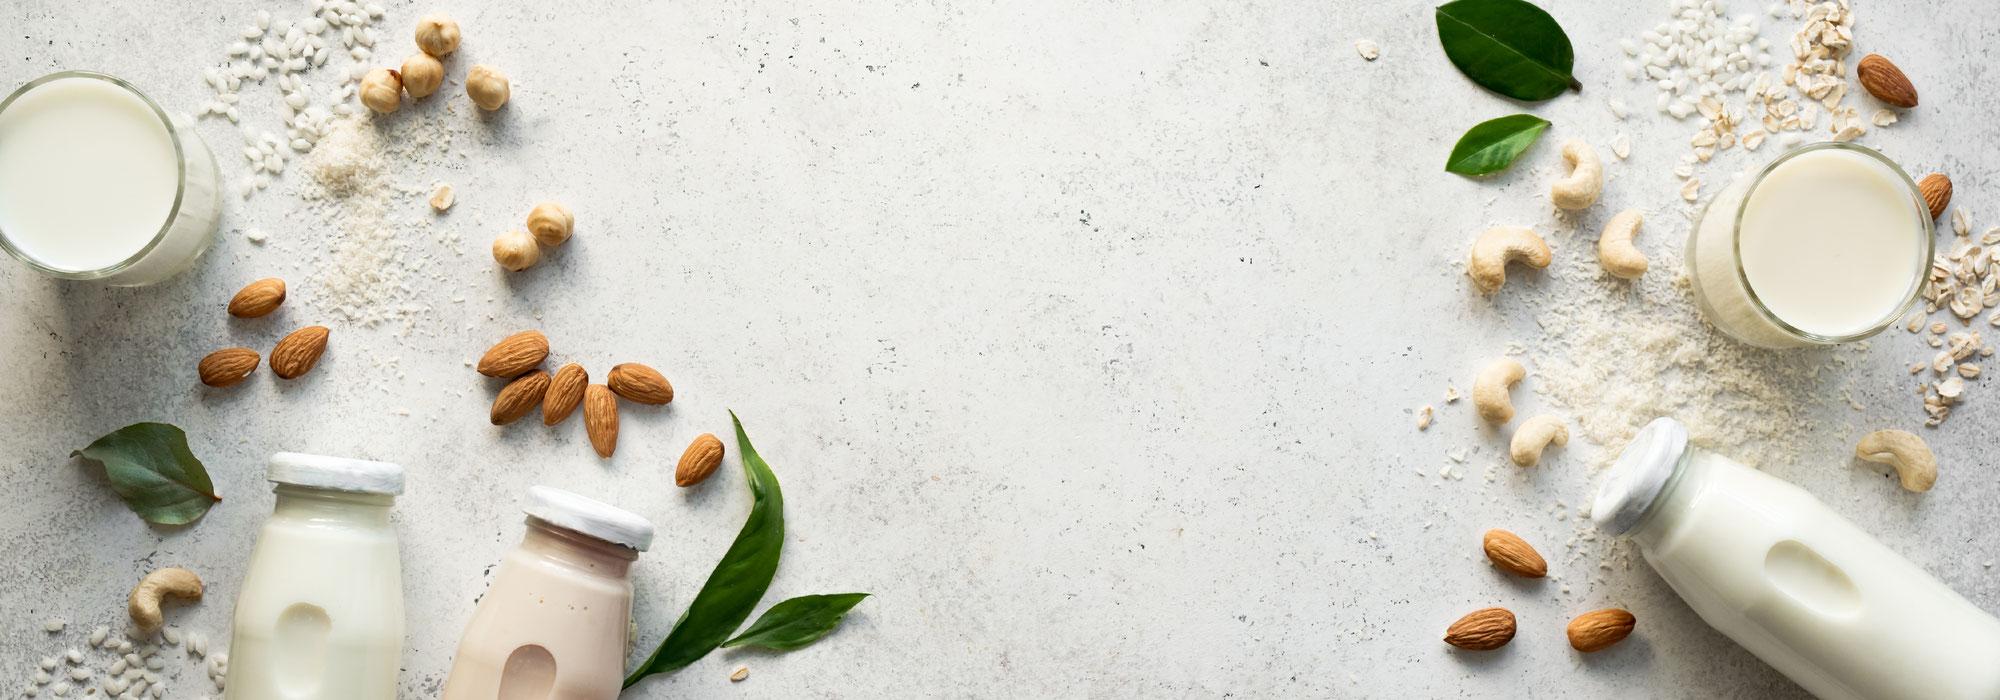 Peak Milk? Erleben wir das Ende des Laktosezeitalters?